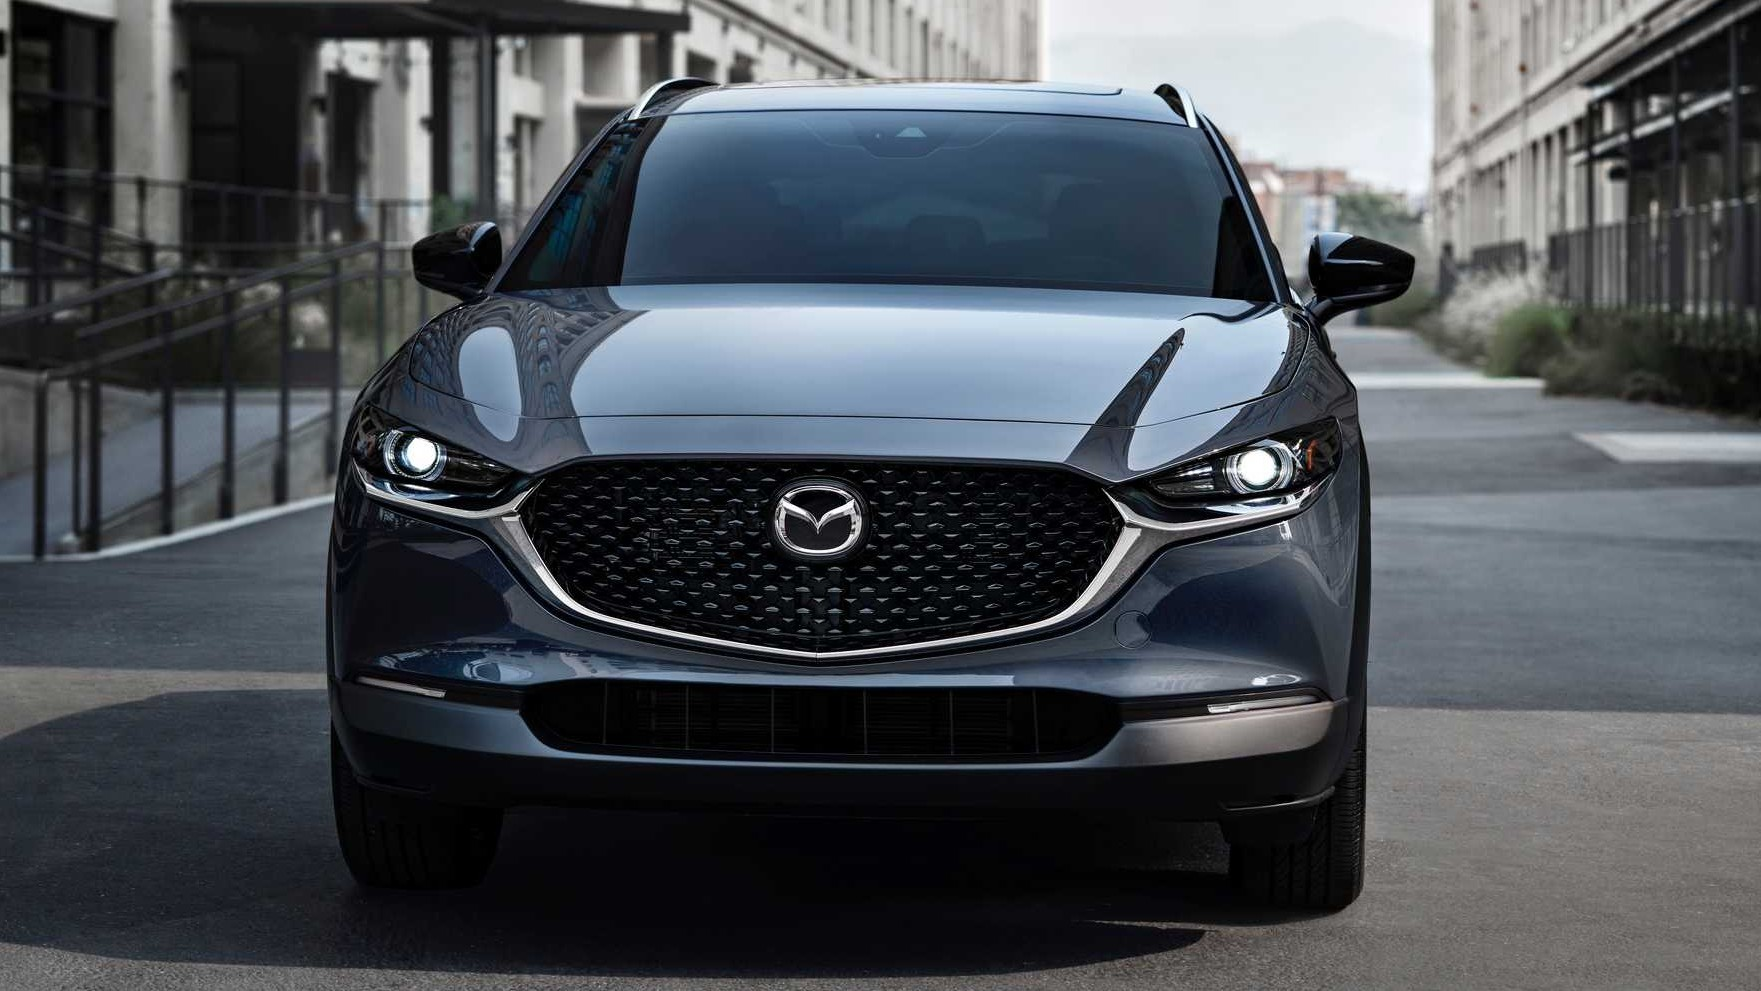 Недавно бензиновая 2,5-литровая «турбочетвёрка» досталась легковой Mazda 3, а теперь подошла очередь родственного кроссовера CX-30.